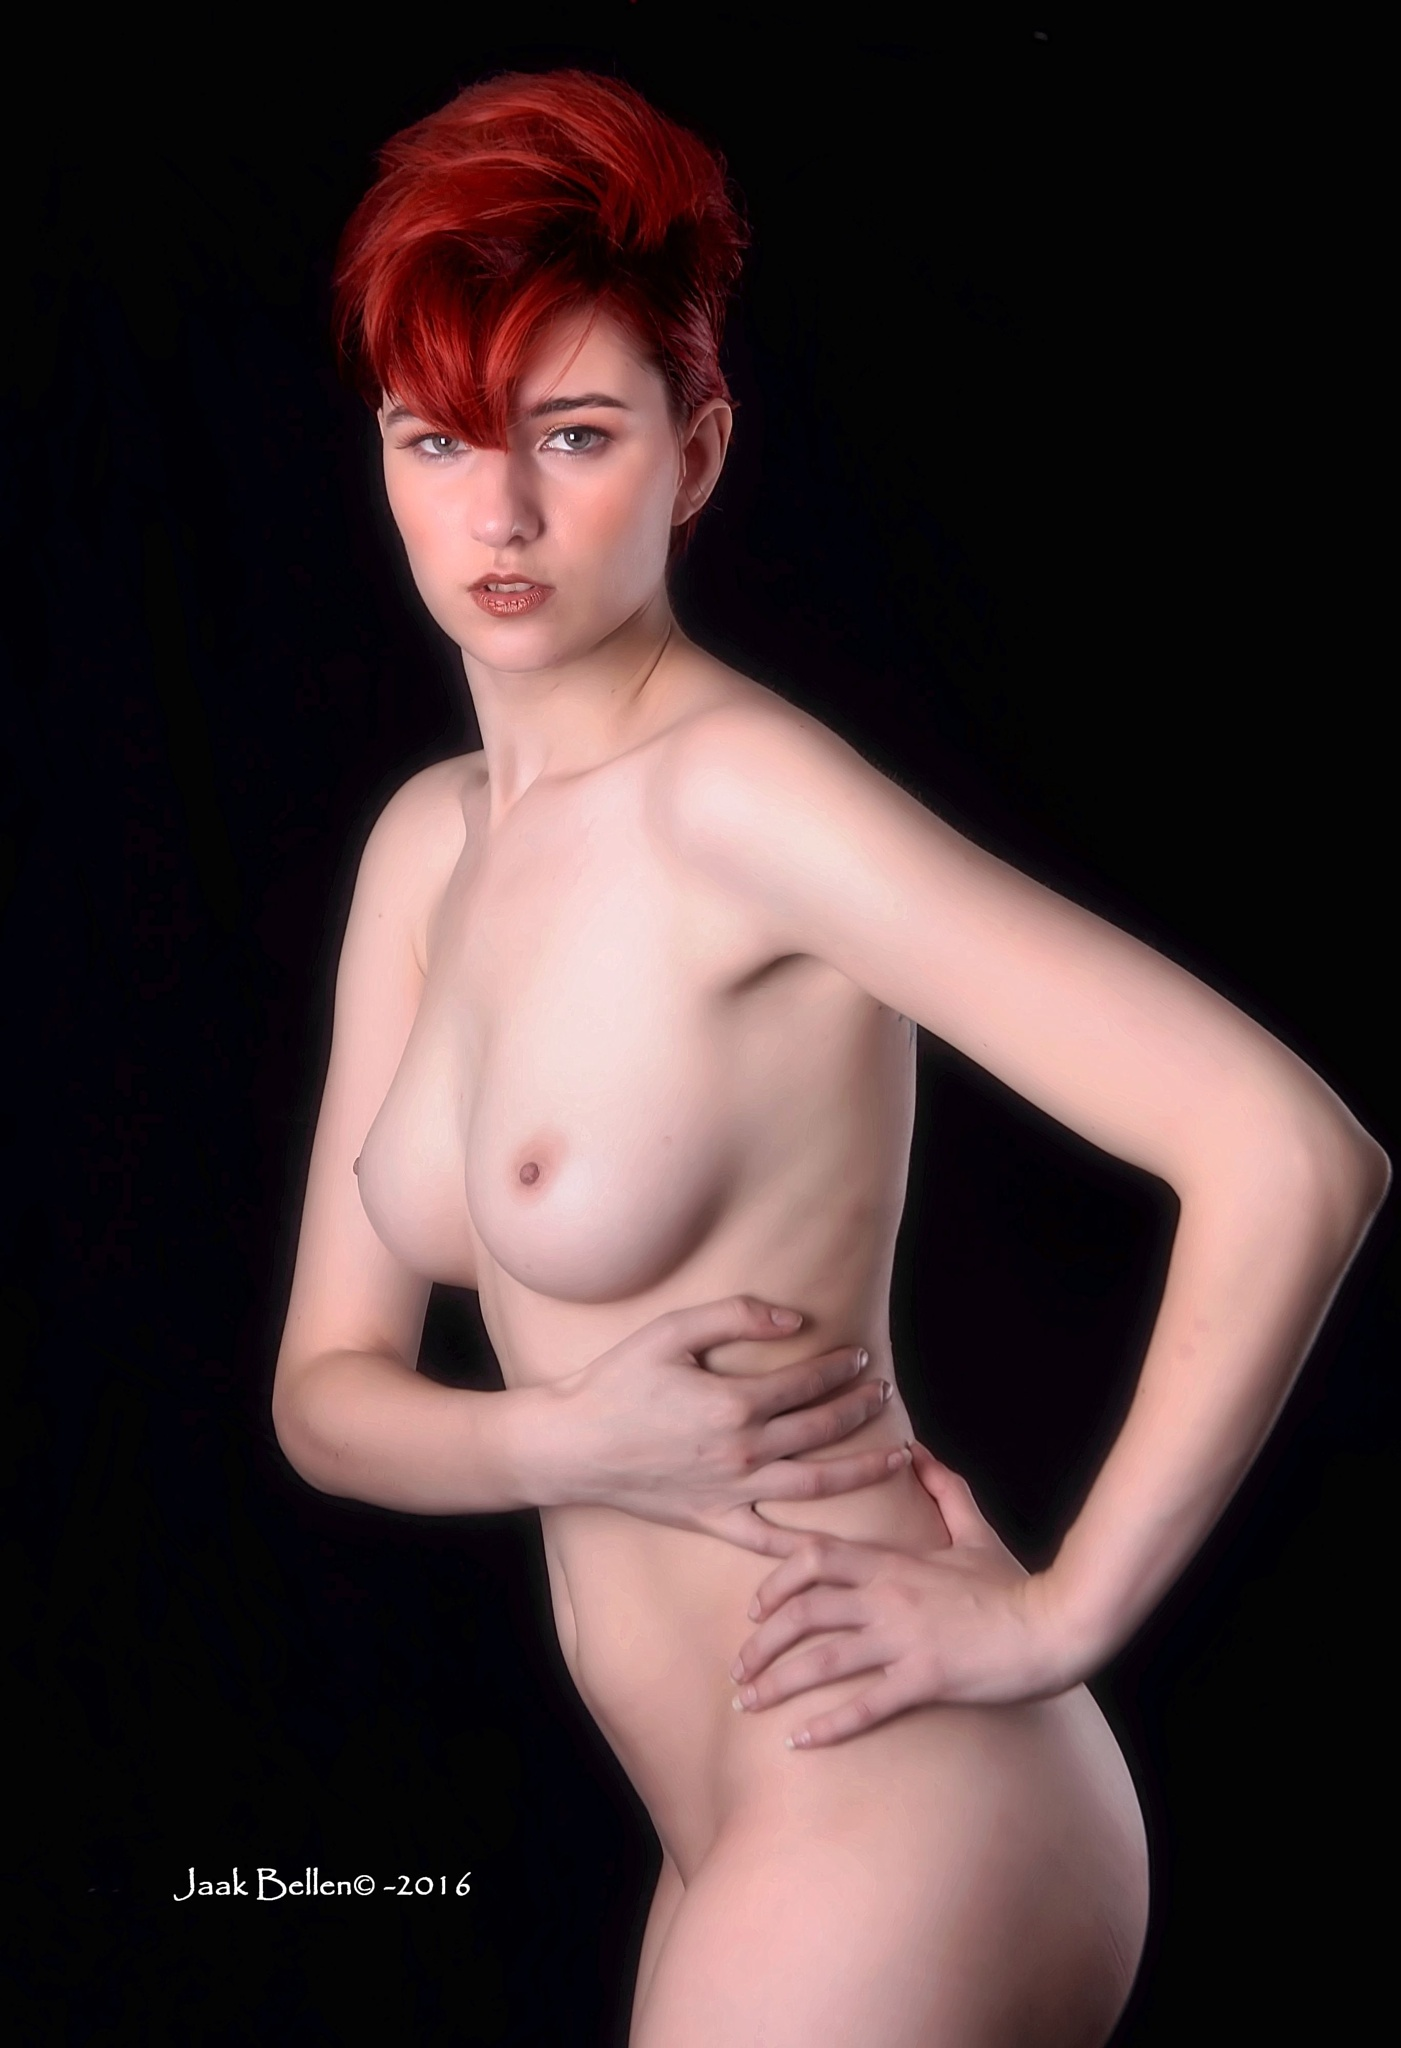 Sara showing her great body... by Jaak BELLEN